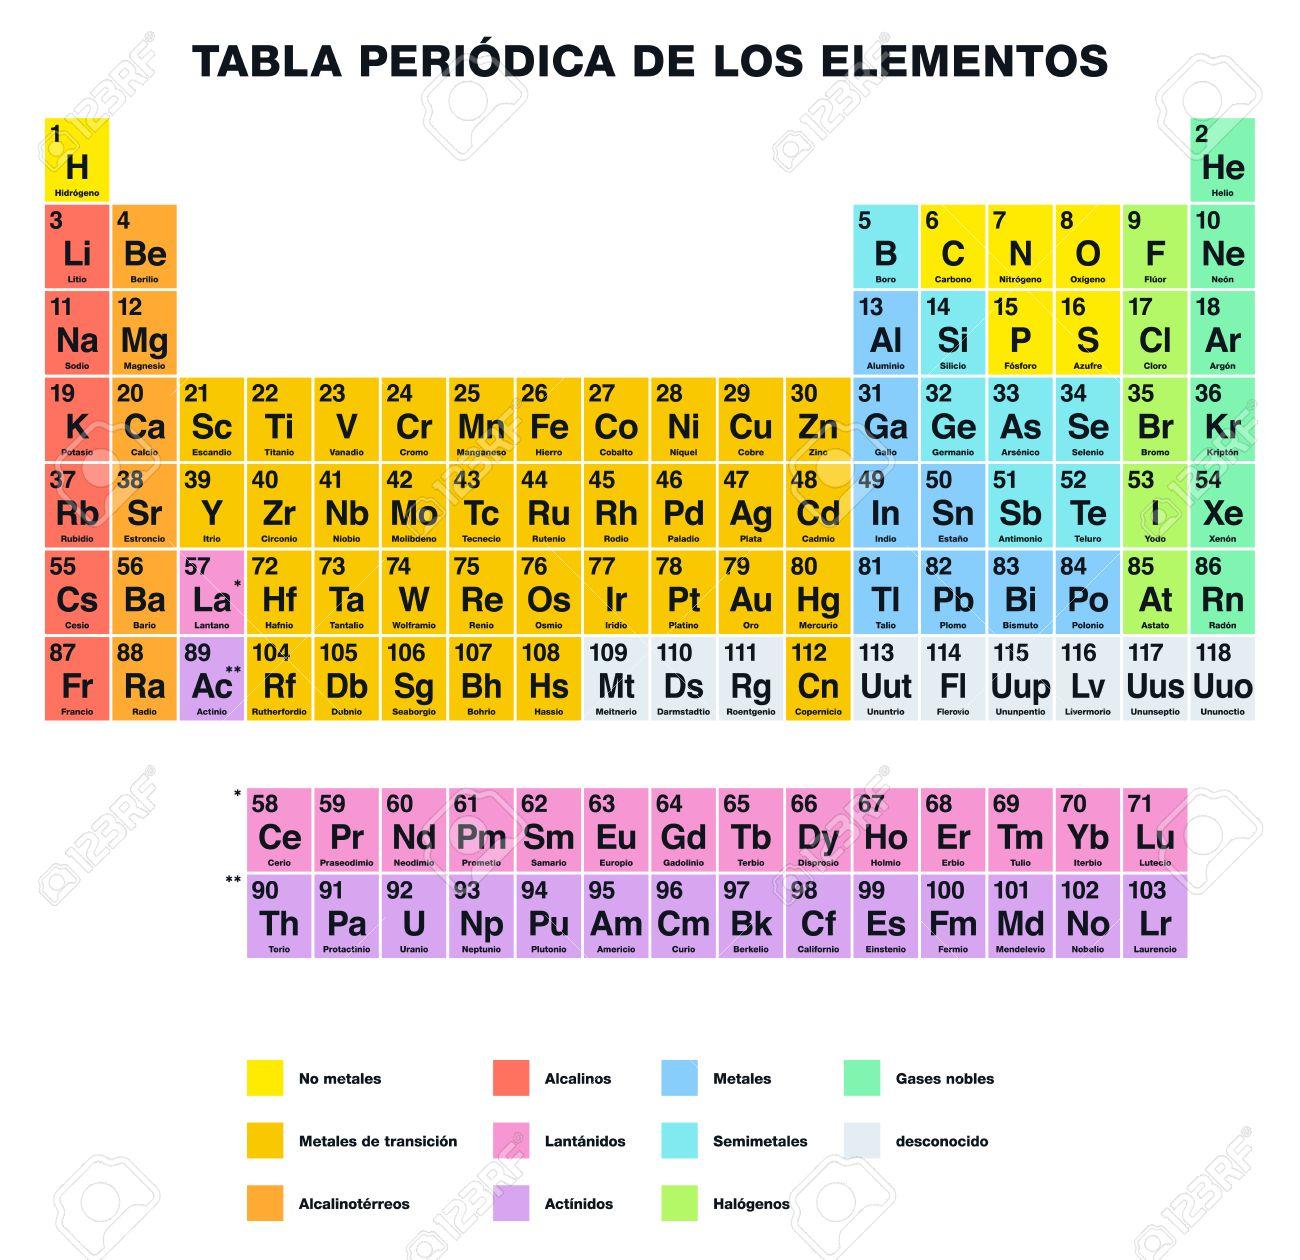 Tabla peridica de los elementos de etiquetado espaol arreglo arreglo tabular de los elementos qumicos con nmeros atmicos su organizados en grupos y familias aislado en el fondo blanco tabla peridica urtaz Images